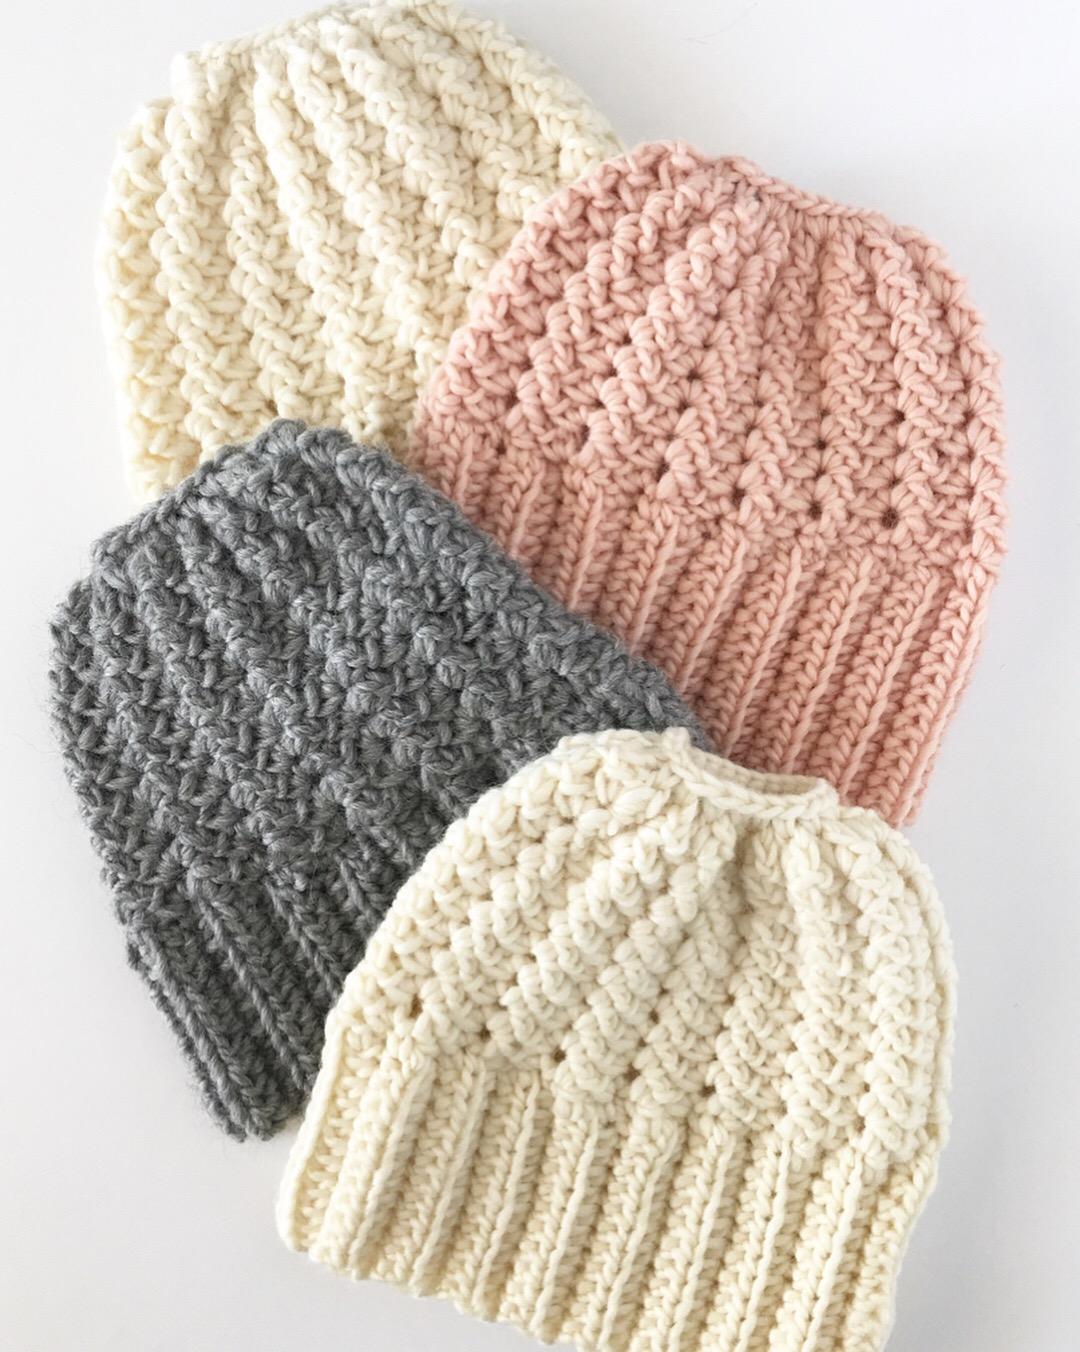 Crochet Sprig Stitch Bun Beanie Daisy Farm Crafts